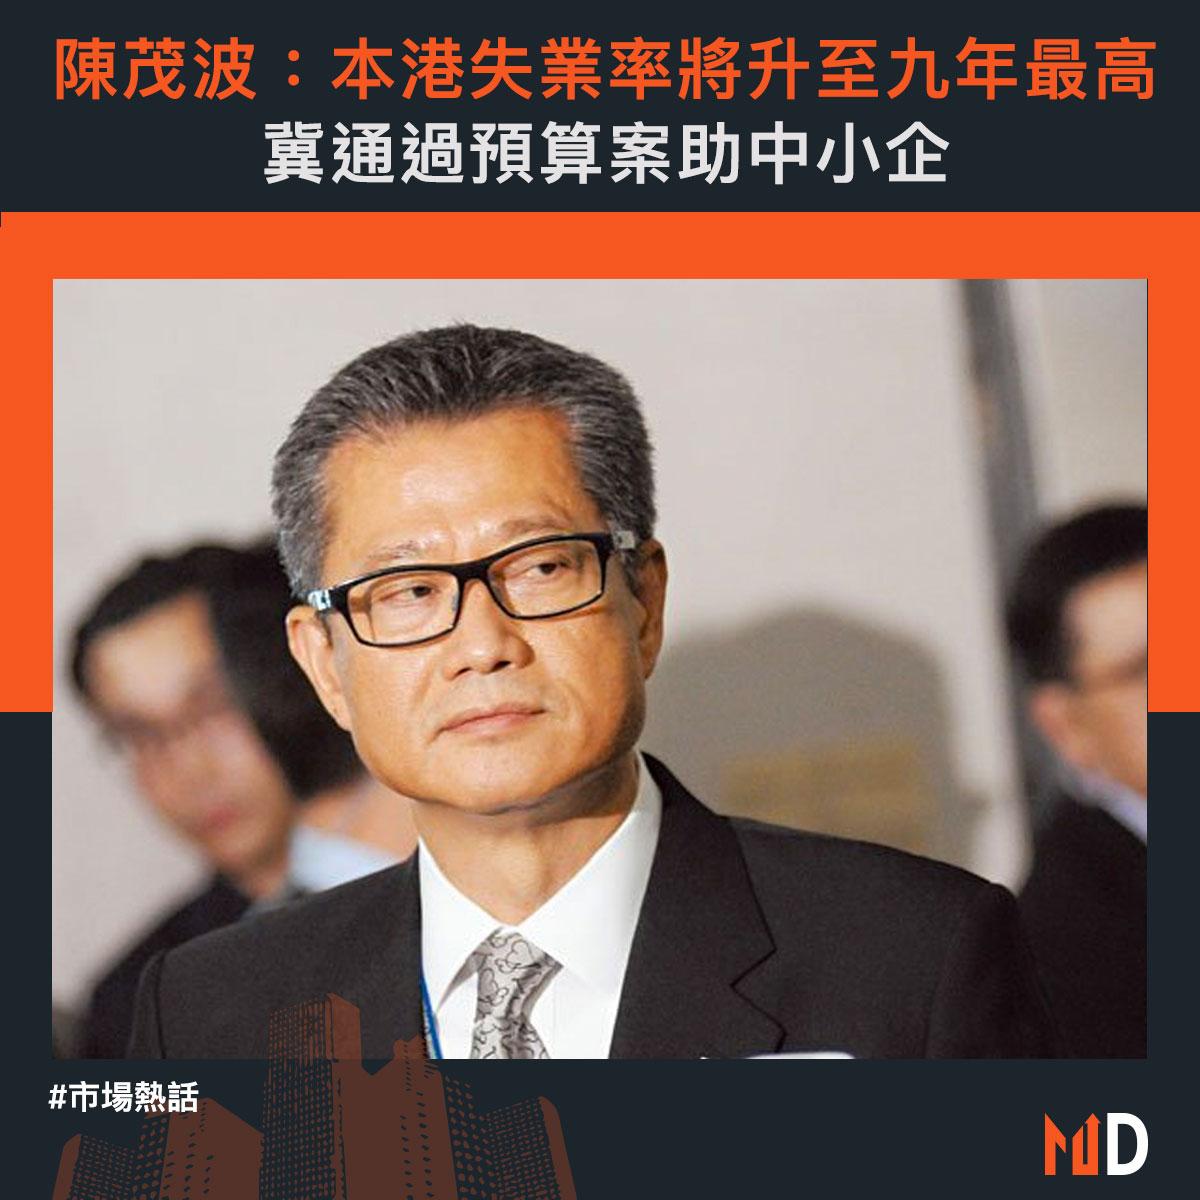 【市場熱話】陳茂波:本港失業率將升至九年最高